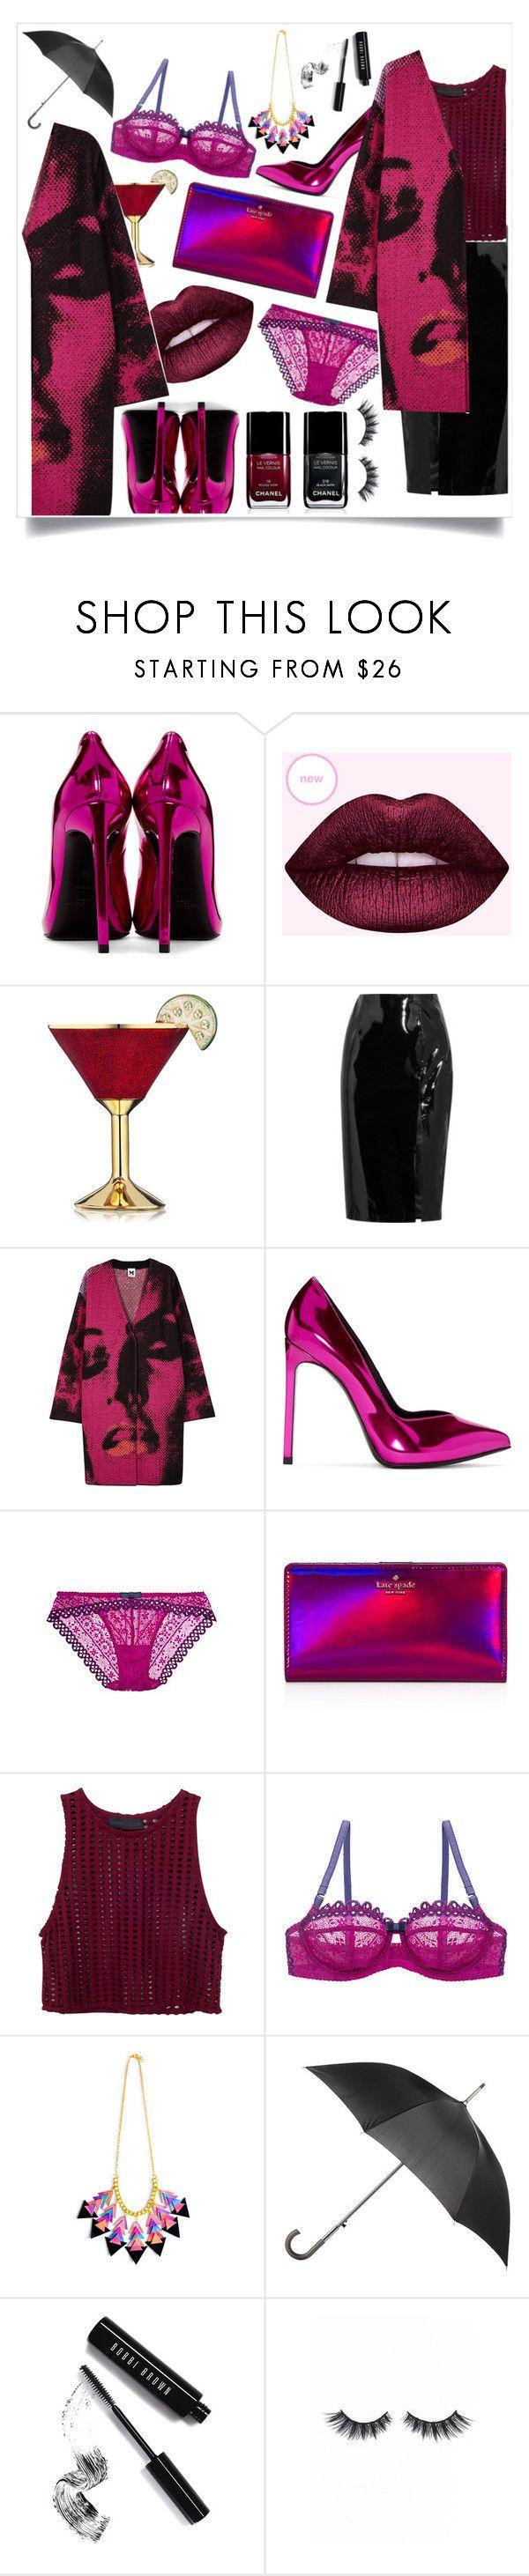 """""""Rainy Party Night"""" by melisafash on Polyvore featuring moda, Yves Saint Laurent, Estée Lauder, Topshop Unique, M Missoni, Huit, Kate Spade, Chanel, Totes y Bobbi Brown Cosmetics"""